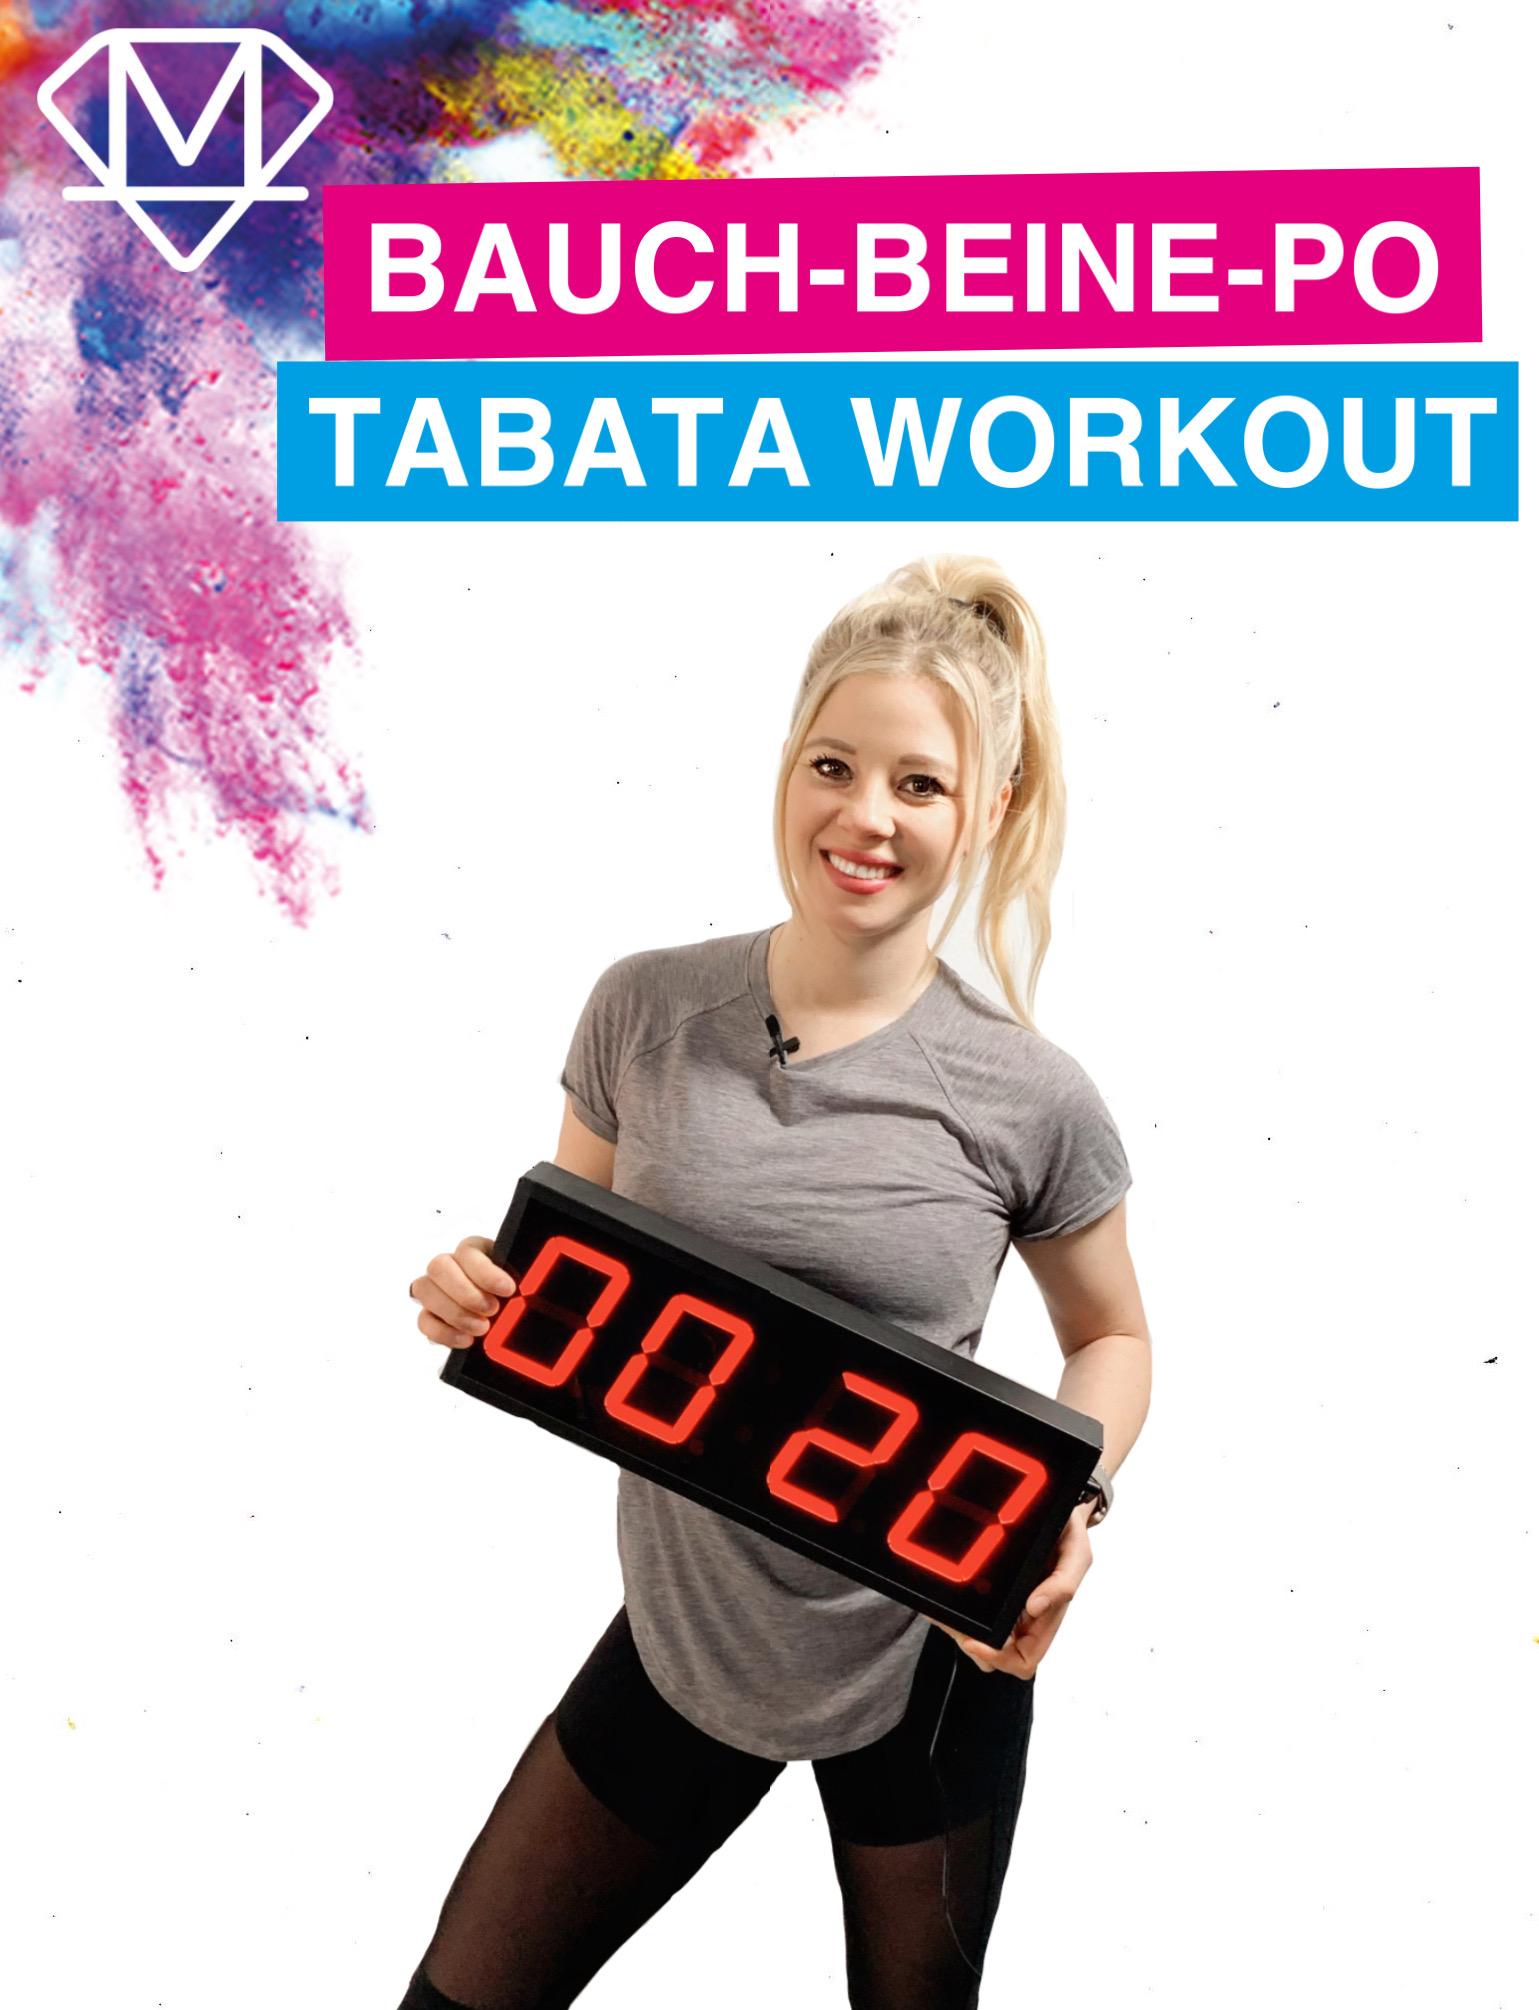 Bauch-Beine-Po Tabata